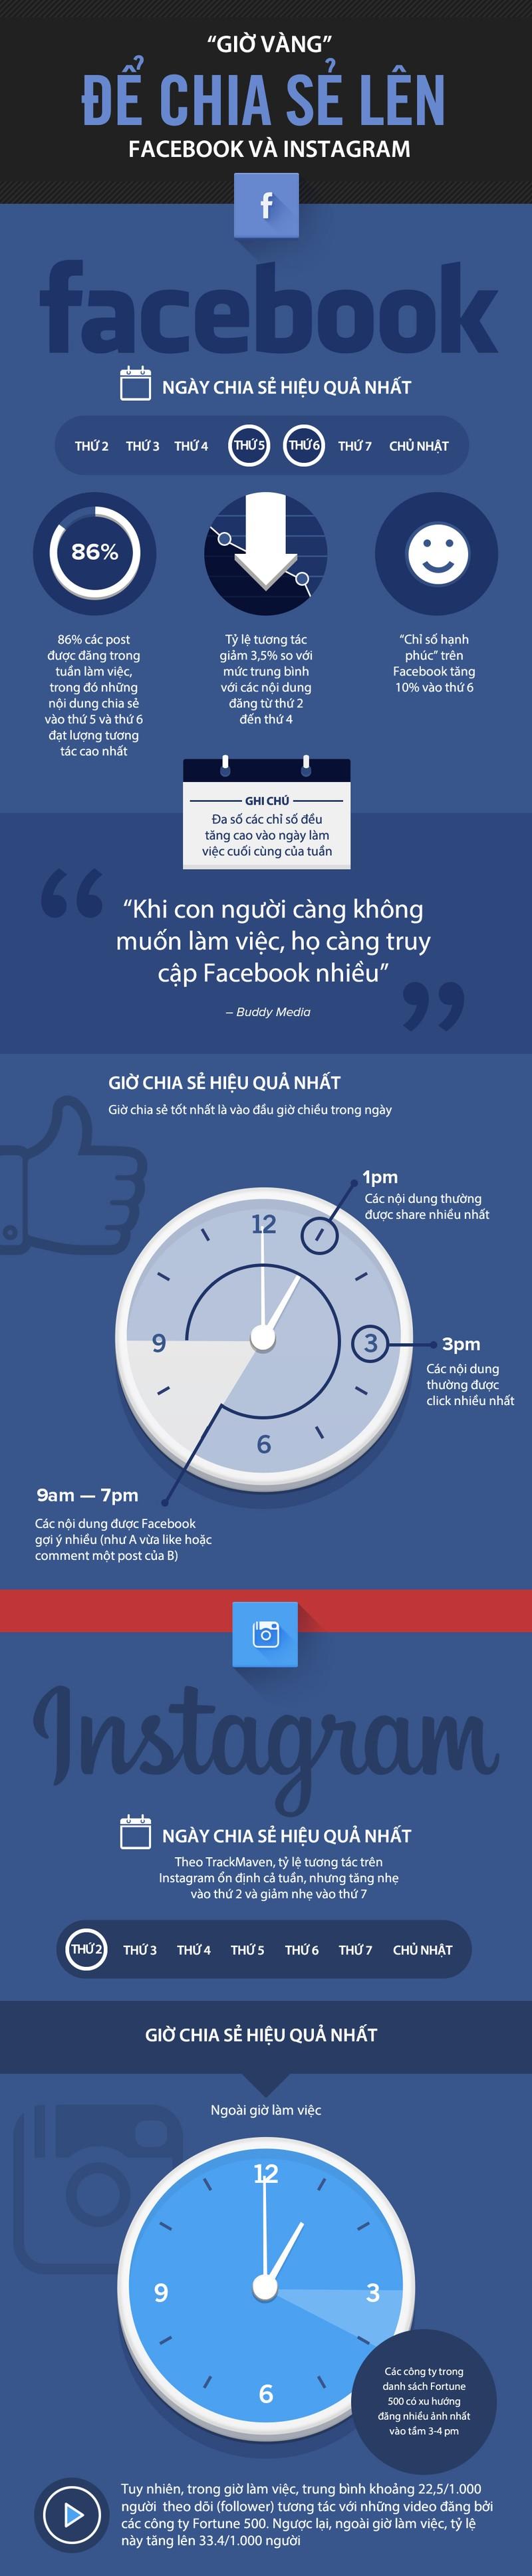 Infographic: Giờ vàng để chia sẻ lên mạng xã hội  - ảnh 1